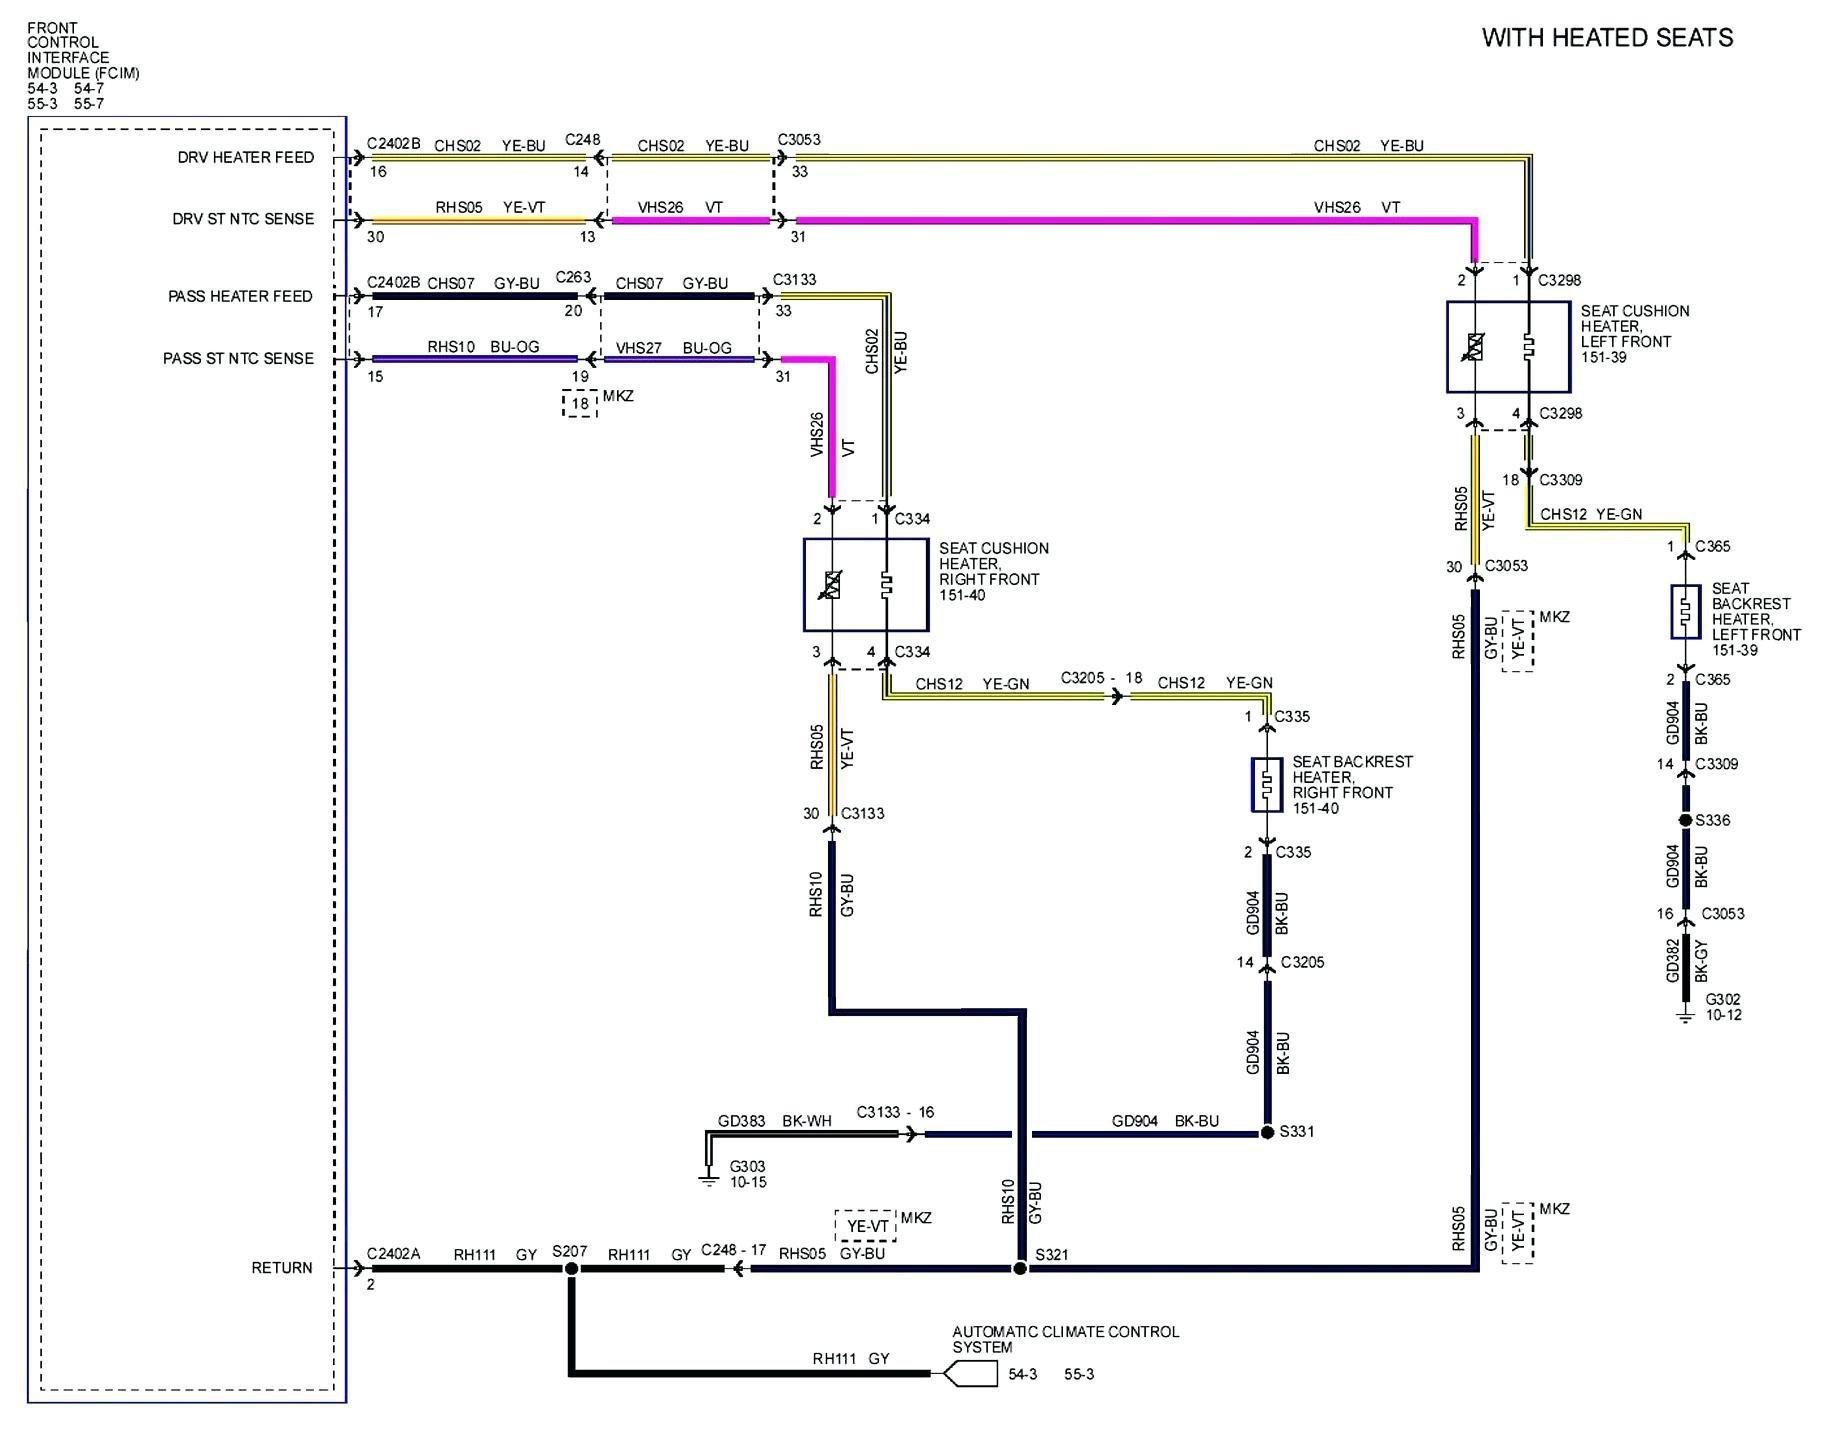 Pac Sni 15 Wiring Diagram   Wiring Diagram - Pac Sni 15 Wiring Diagram